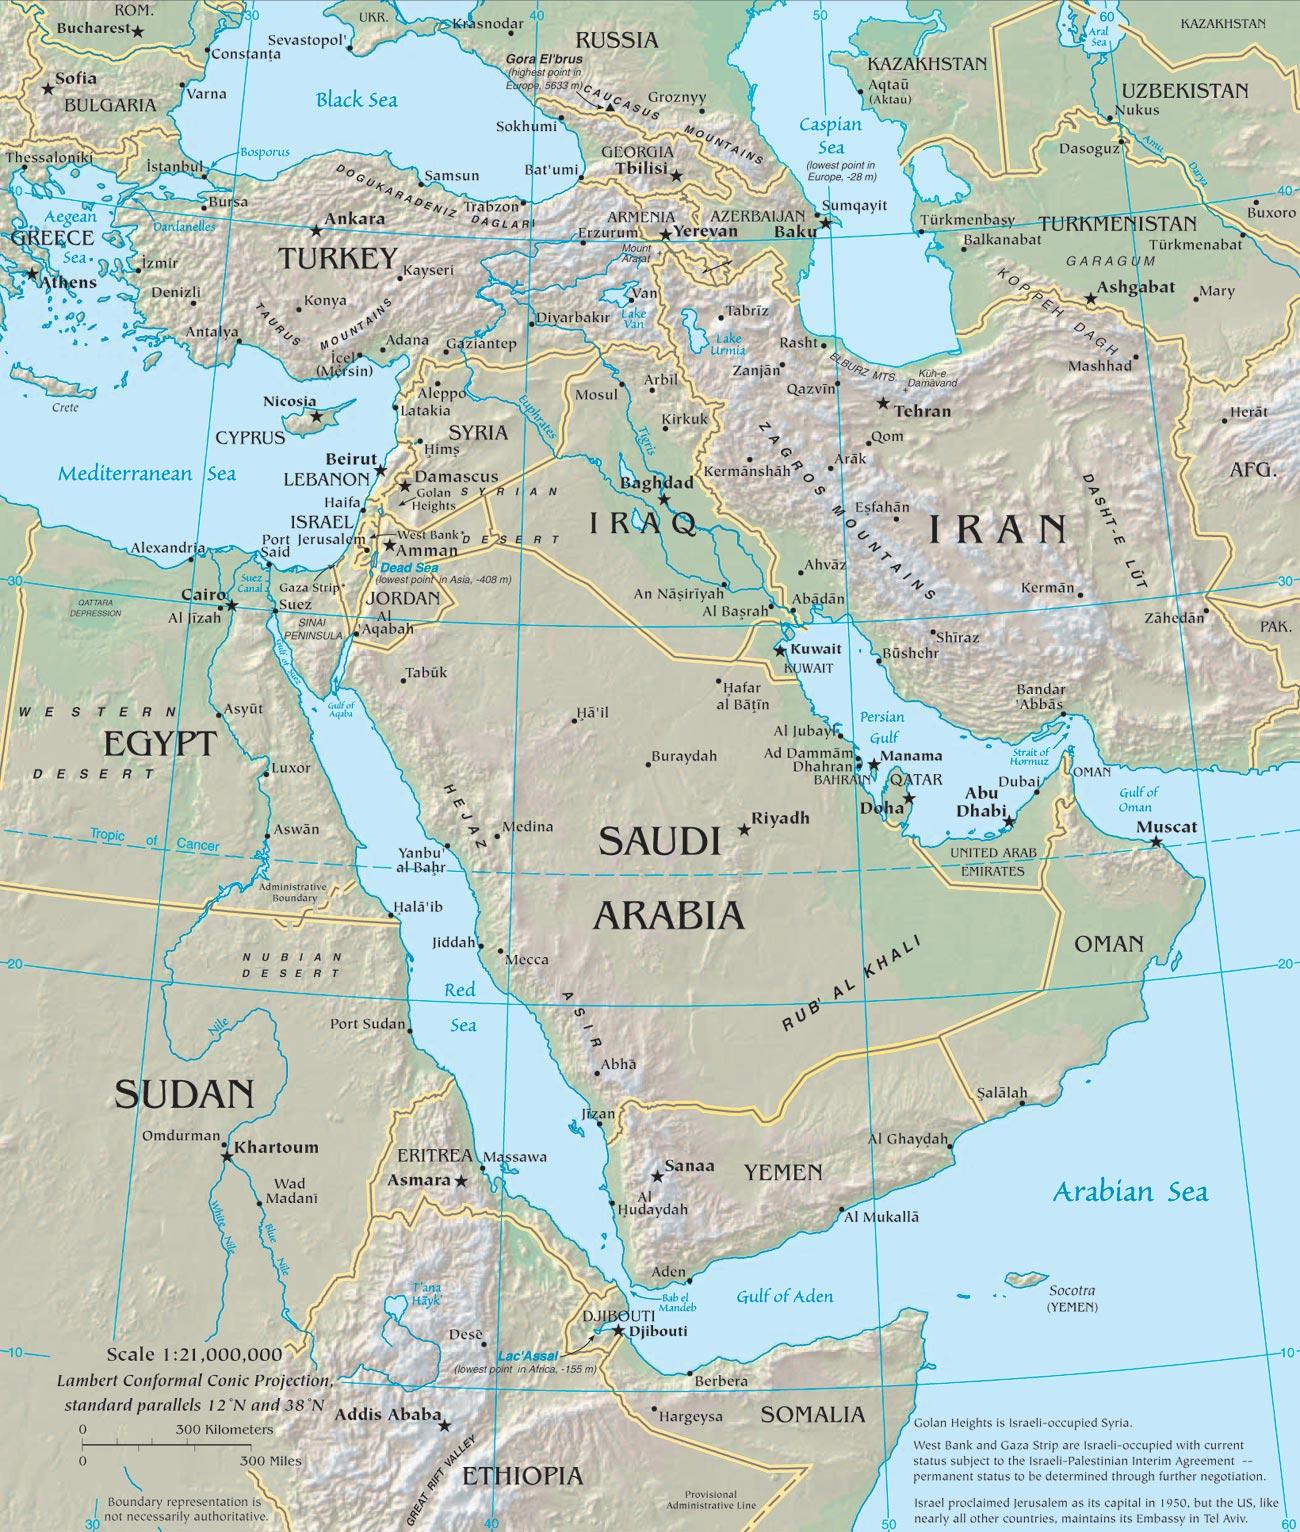 Irã diz que Golfo Pérsico está no alcance de seus mísseis